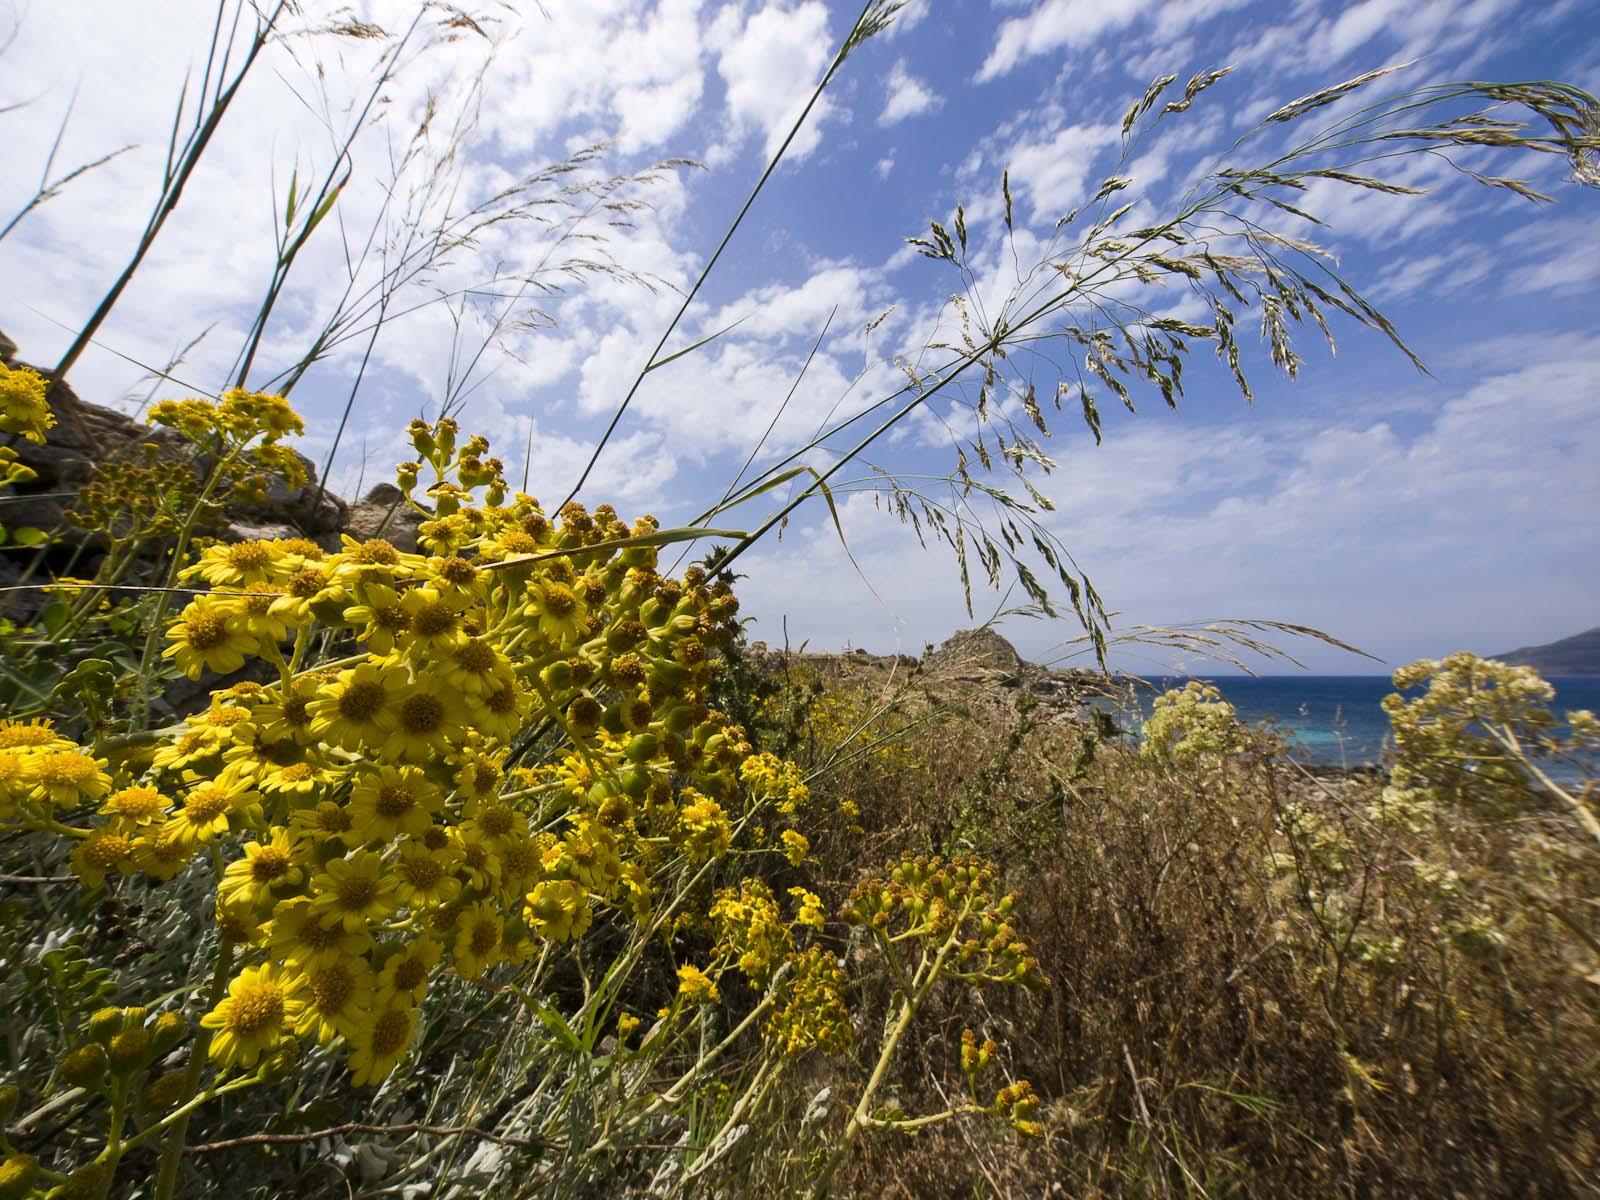 06 - GIALLO (Yellow)